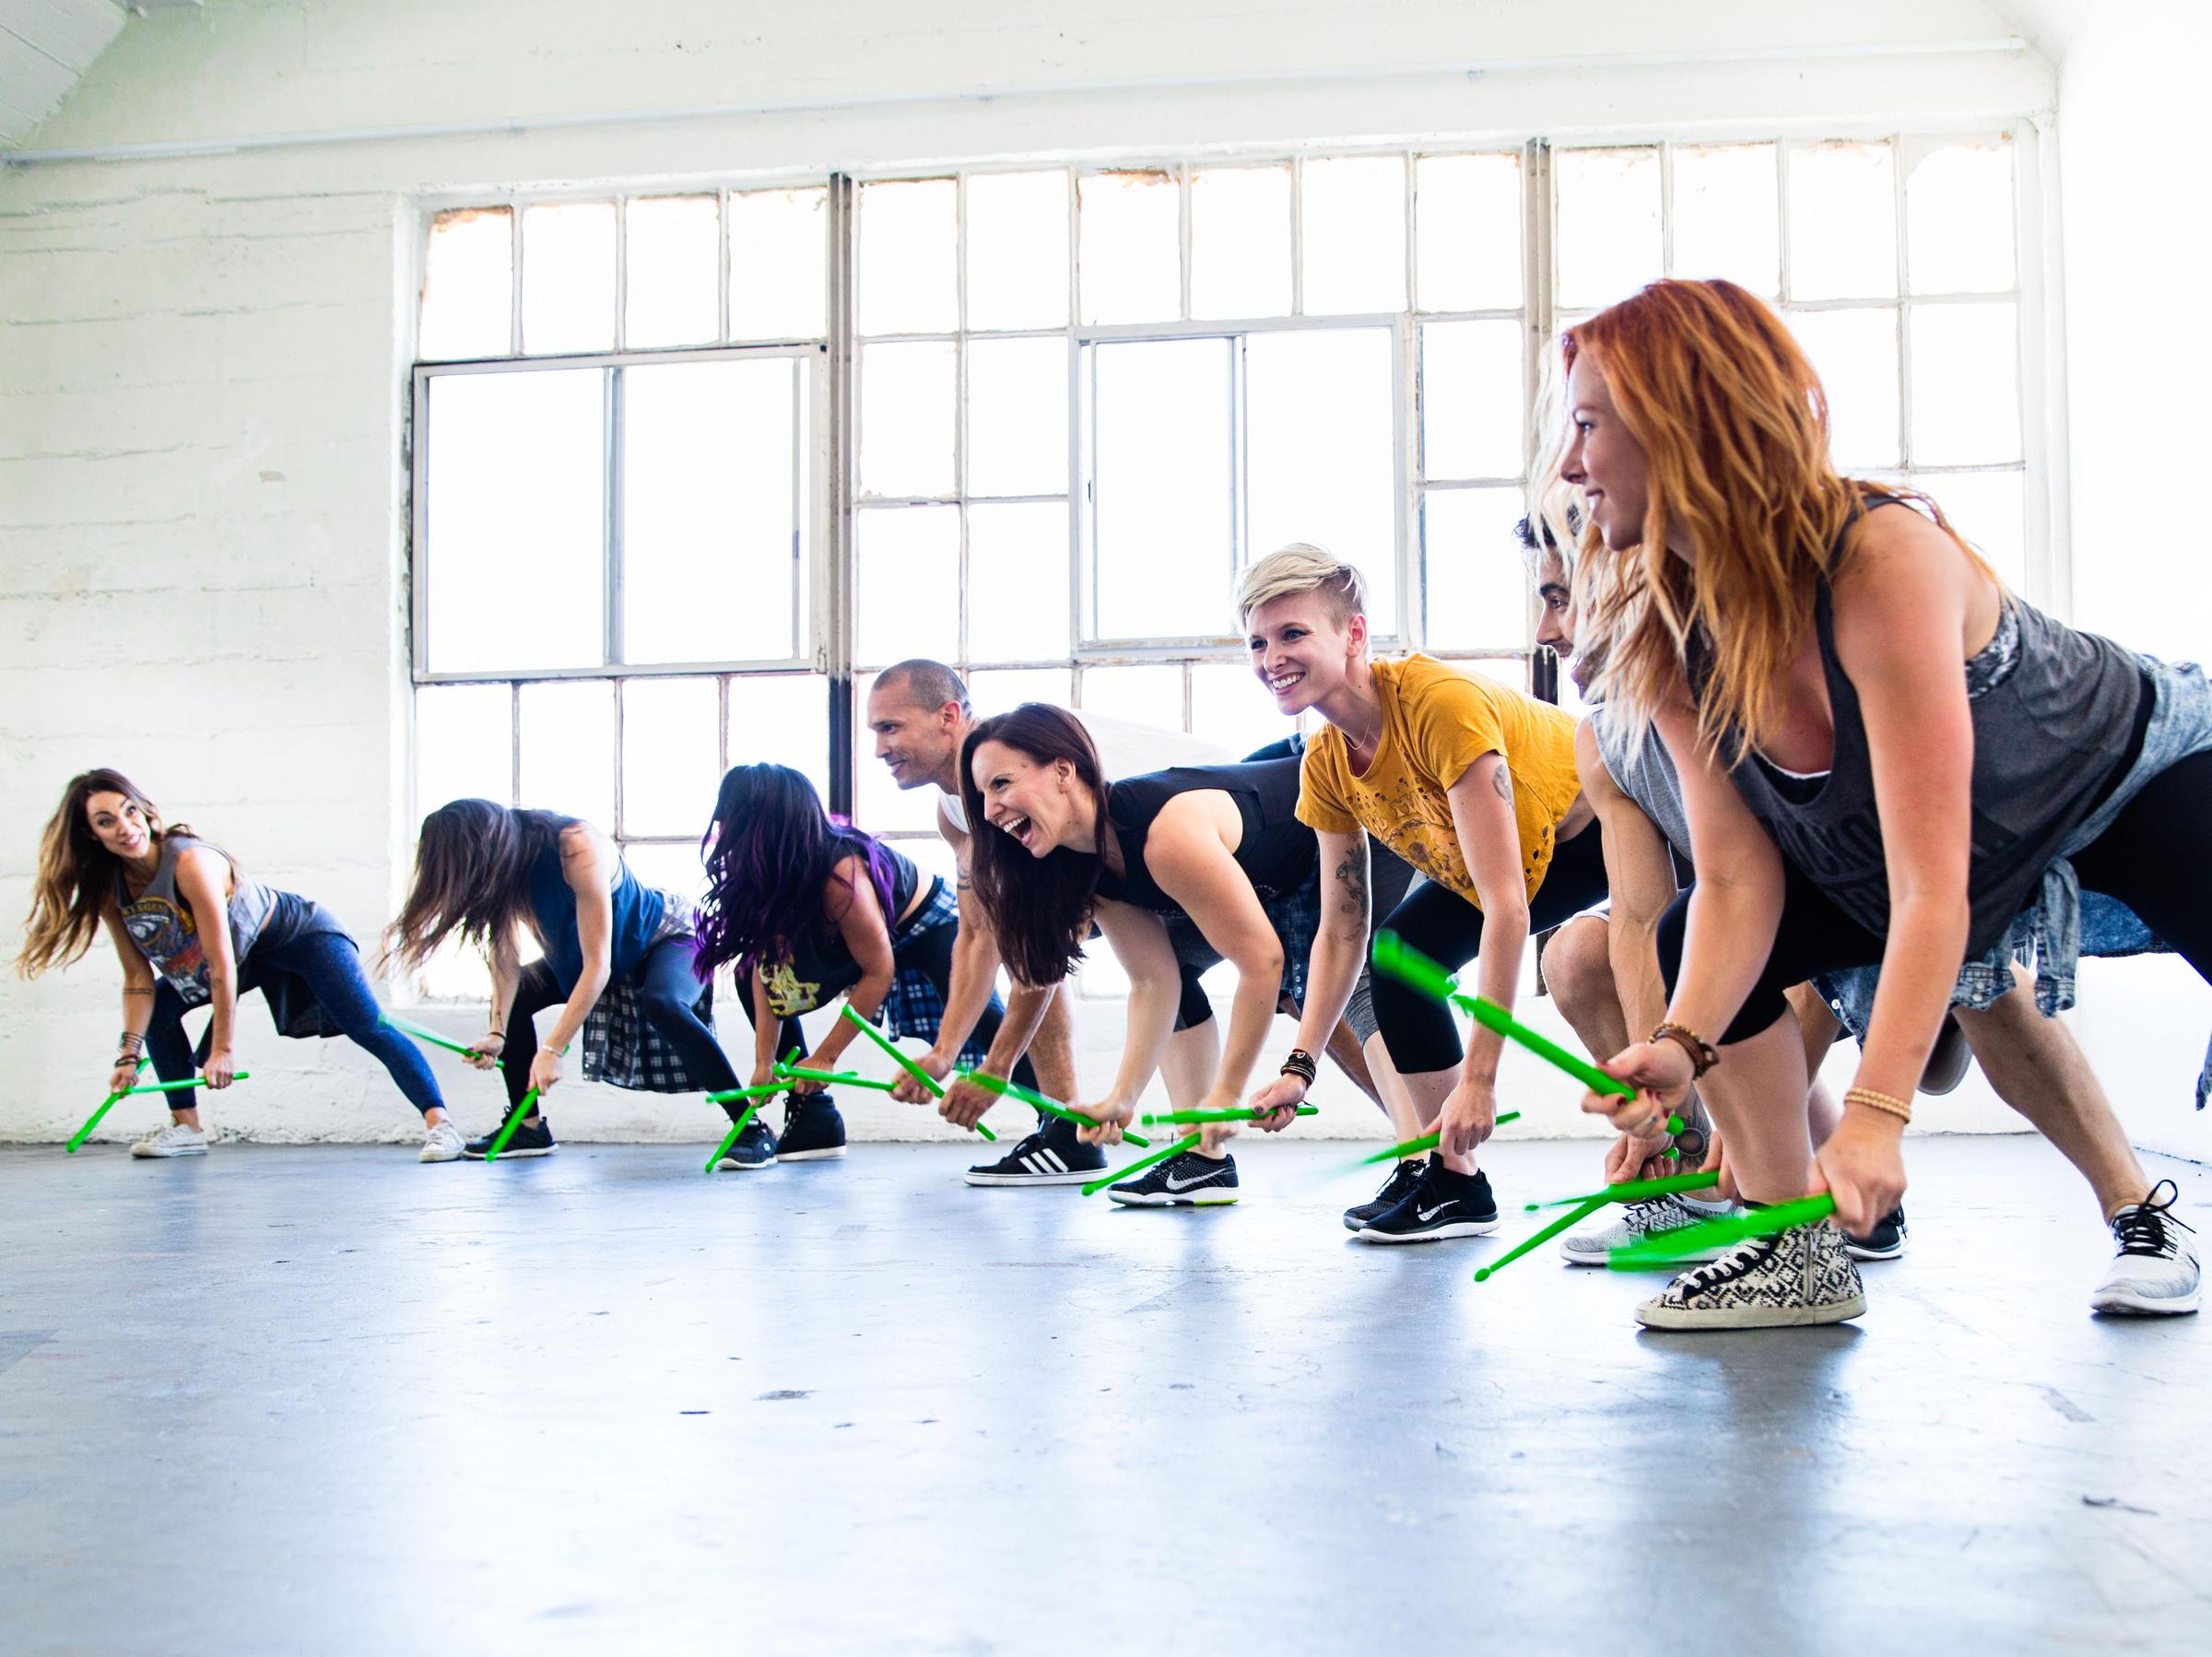 Pound, batteria, bacchette, rockout workout, scatenarsi, corsi fitness, bruciagrassi, tonificazione muscolare, wellness evolution, imperia